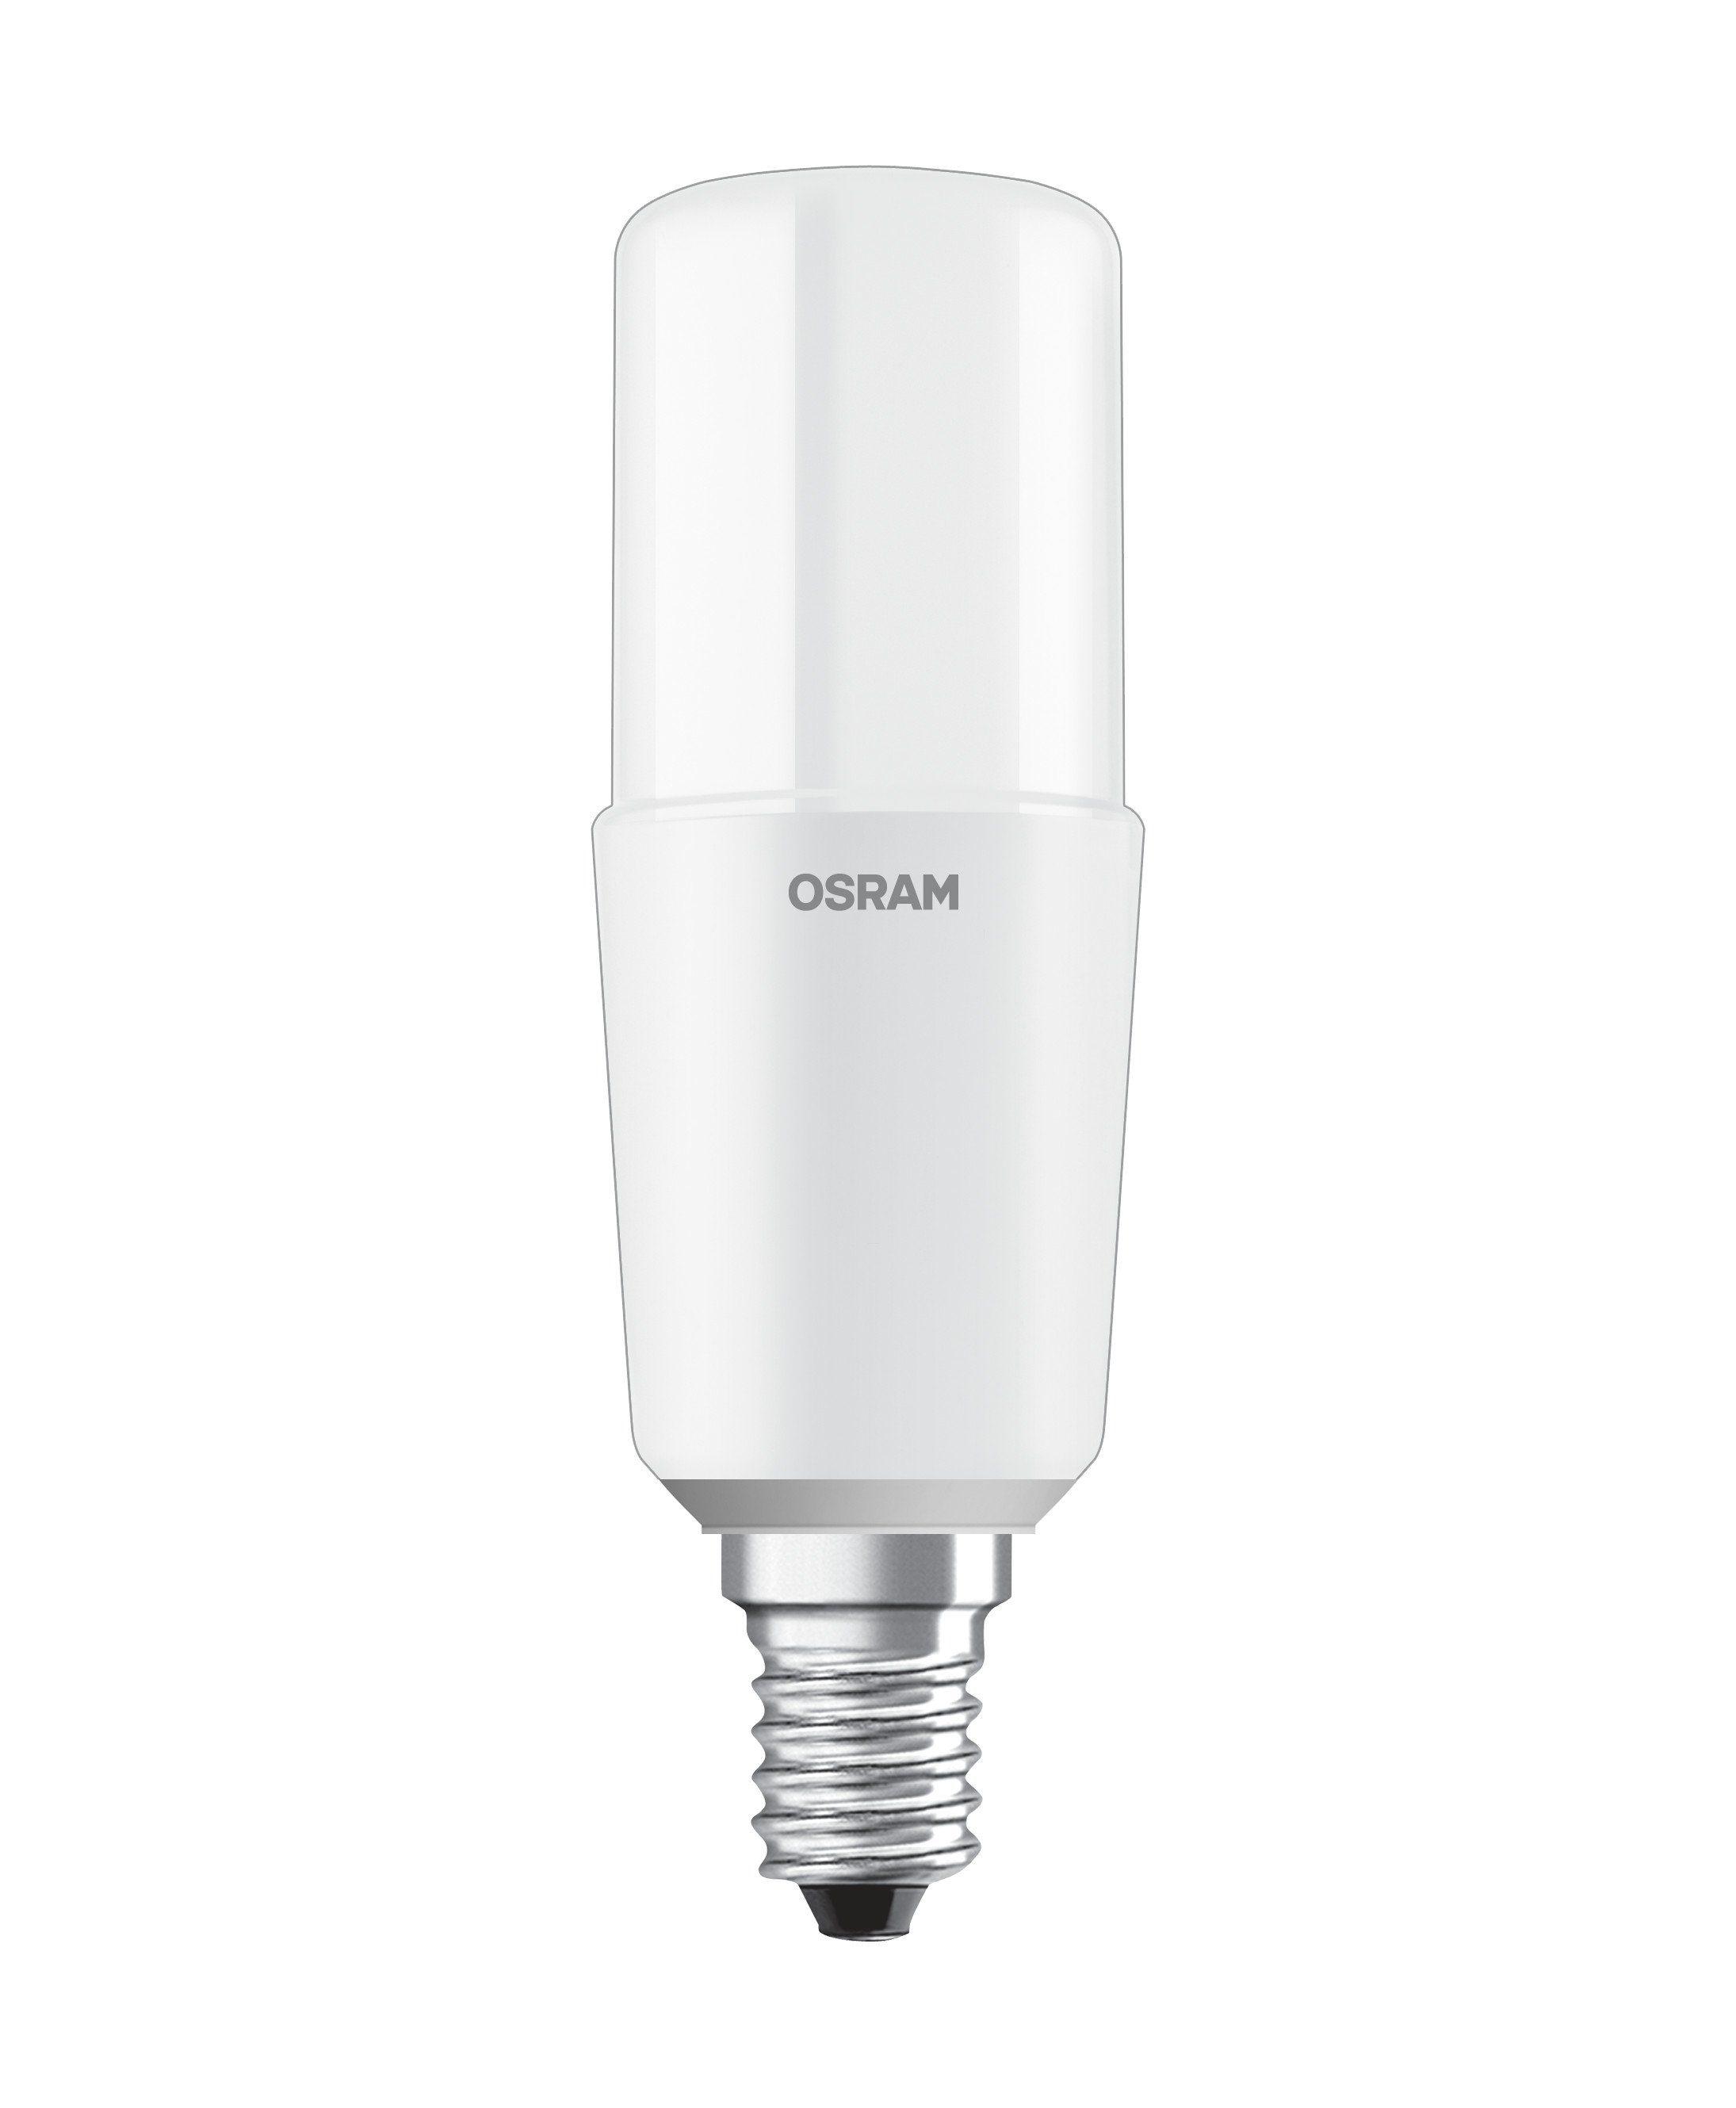 Osram LEDLampe klassische Stabform matt LED STAR STICK